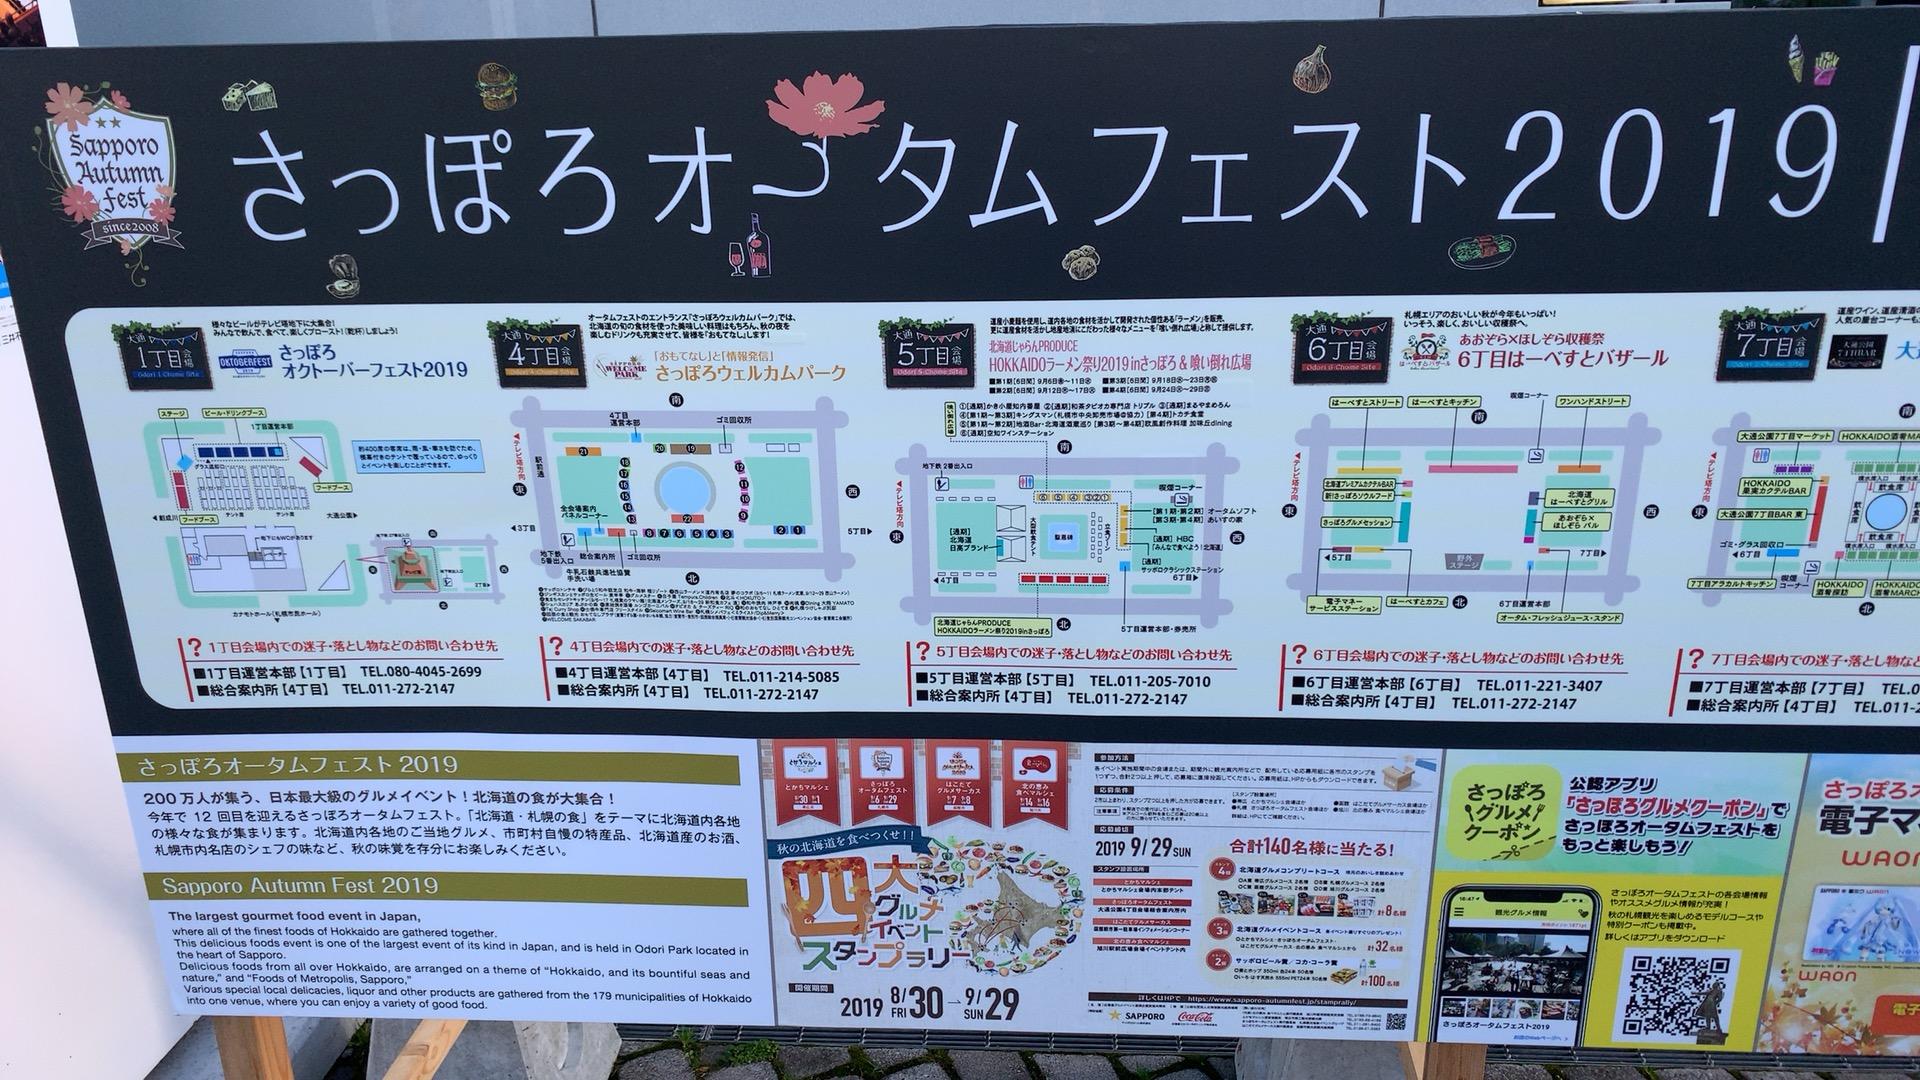 札幌・中央区 さっぽろオータムフェスト2019